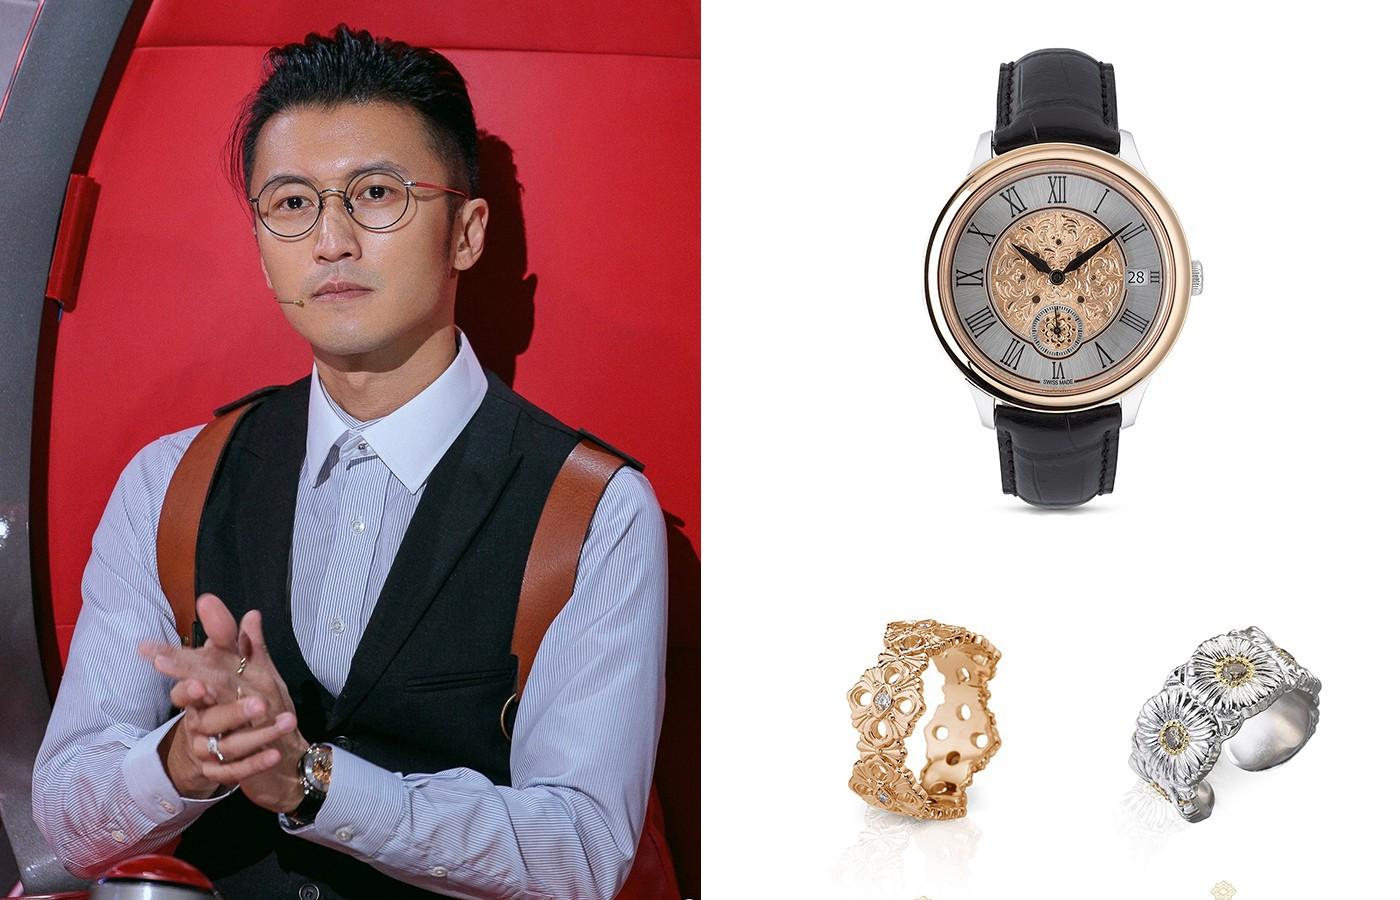 硬汉还是绅士?那要看谢霆锋今天带什么手表